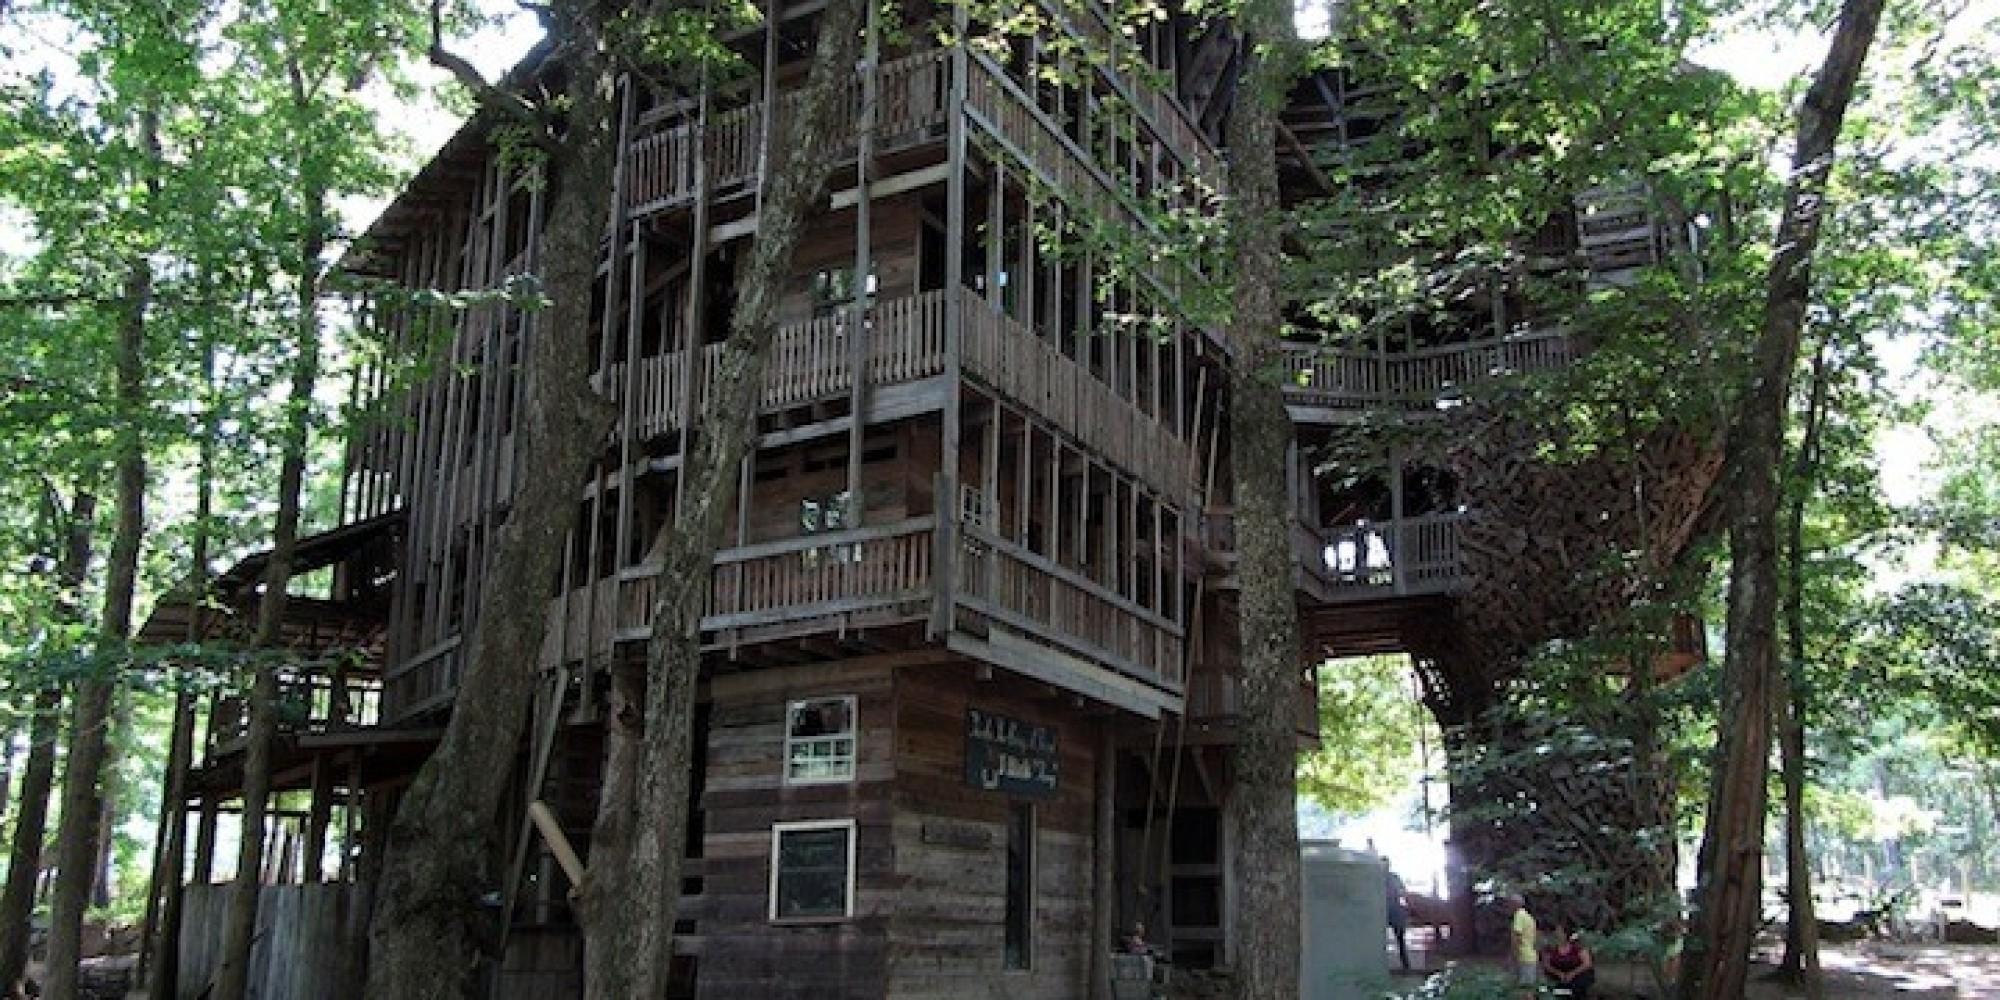 La pi grande casa sull 39 albero del mondo in tennessee cinque piani per un totale di 29 metri - Casa sull albero progetto ...